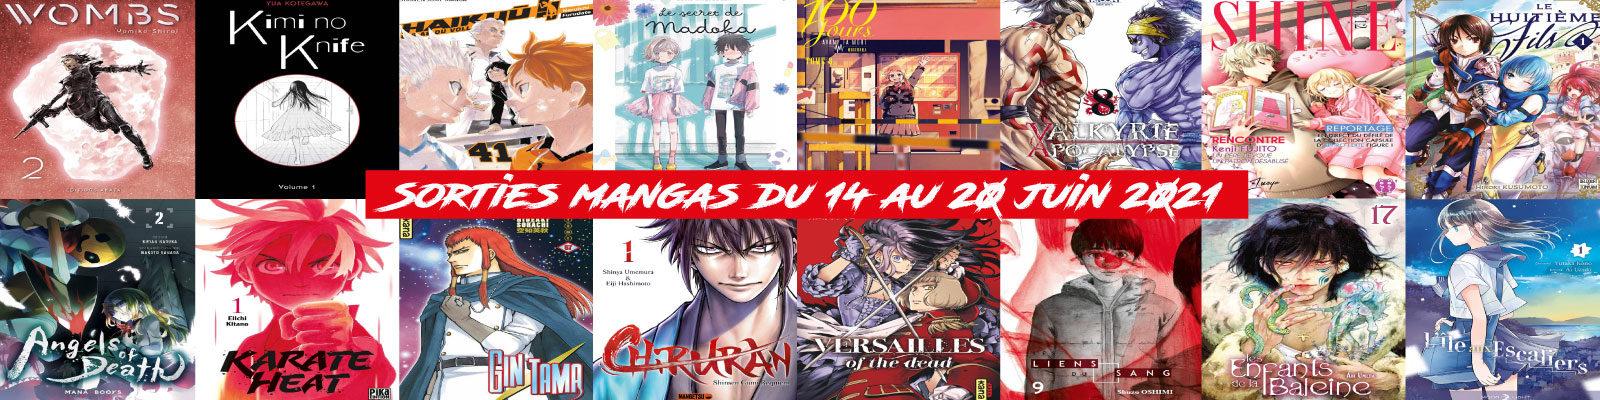 sorties mangas-1420